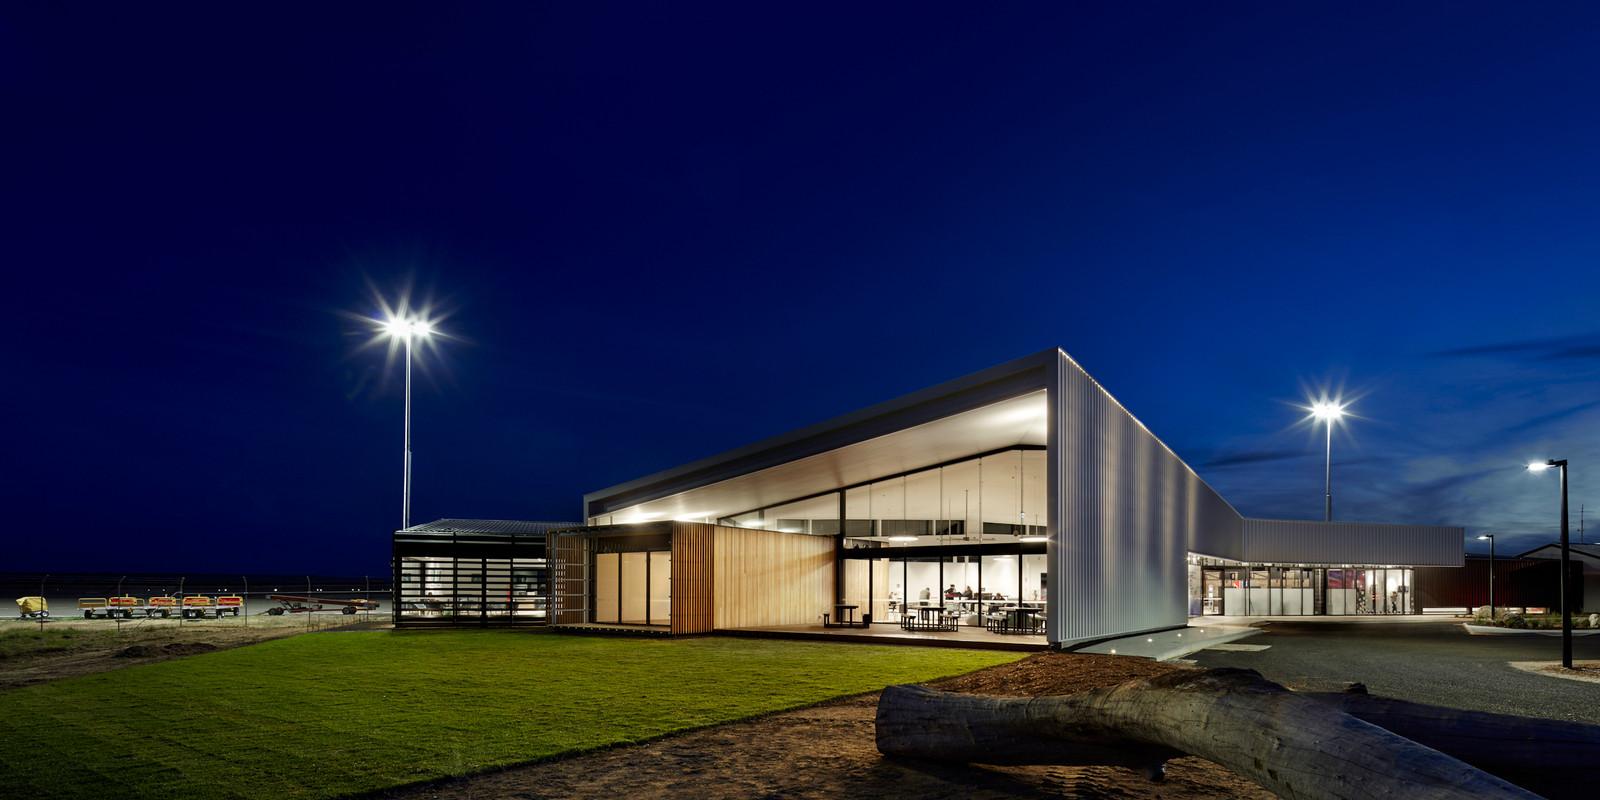 Kangaroo Island Airport Insight Lighting